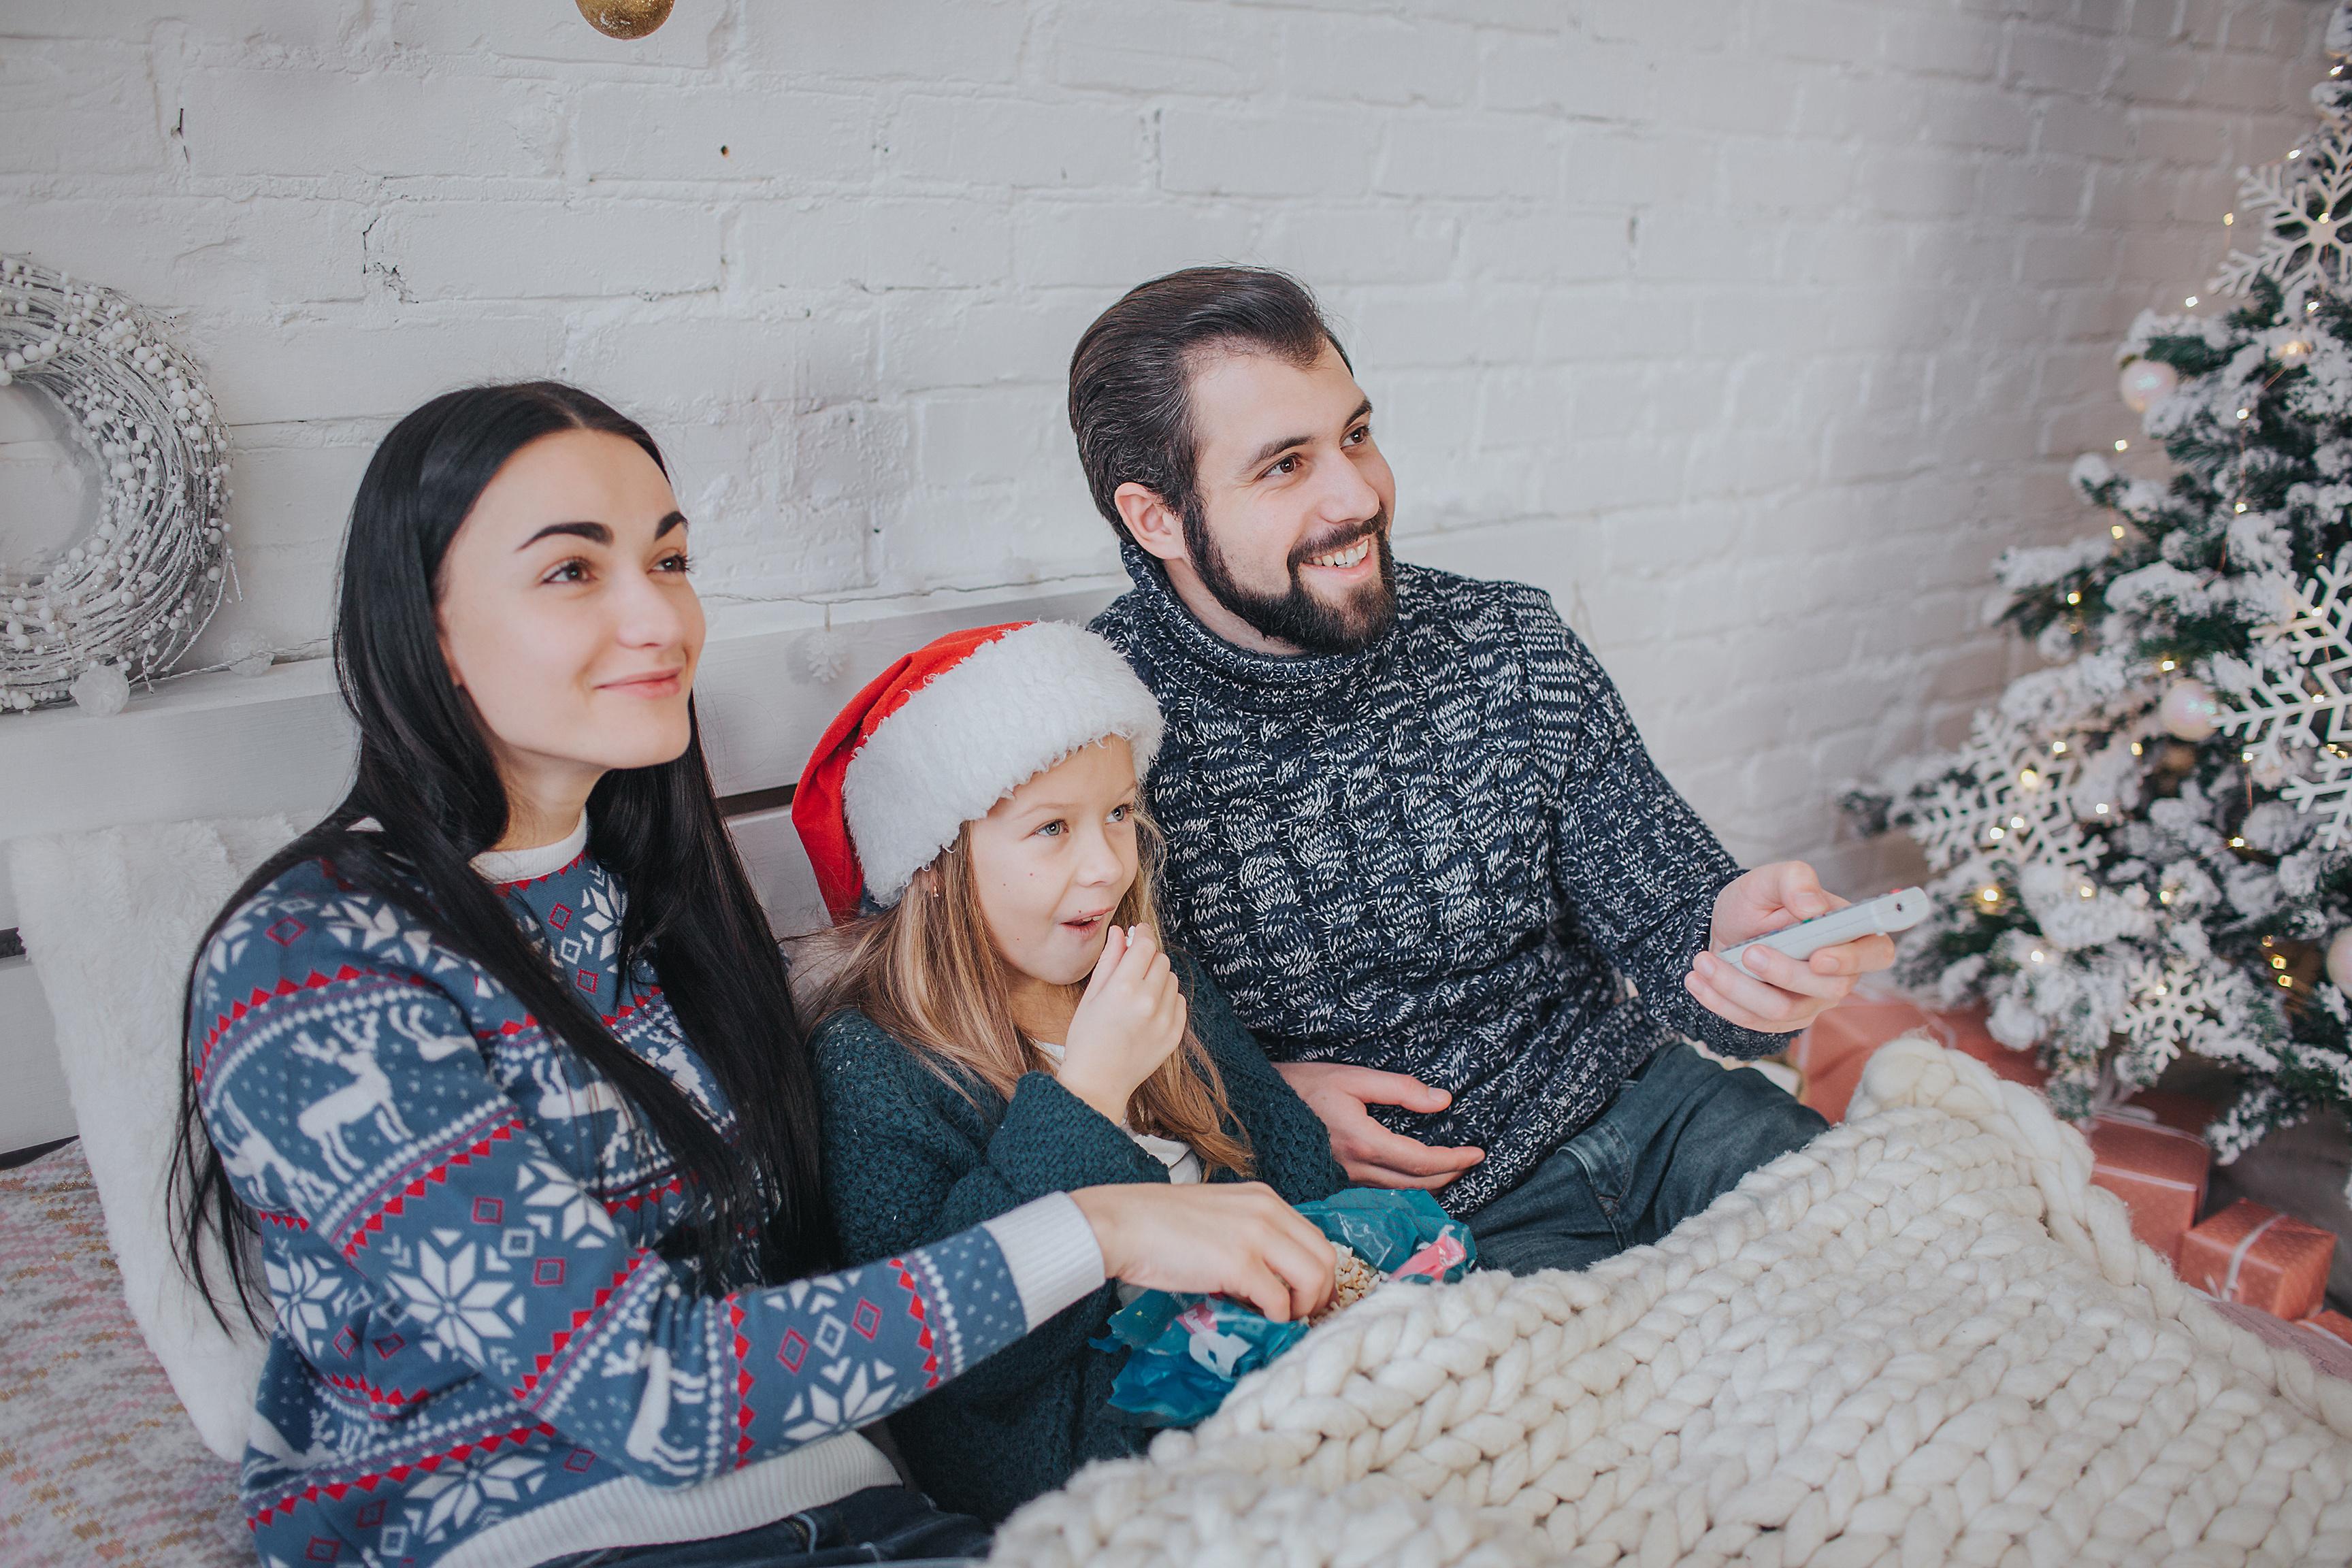 Video e film di Natale in inglese per bambini